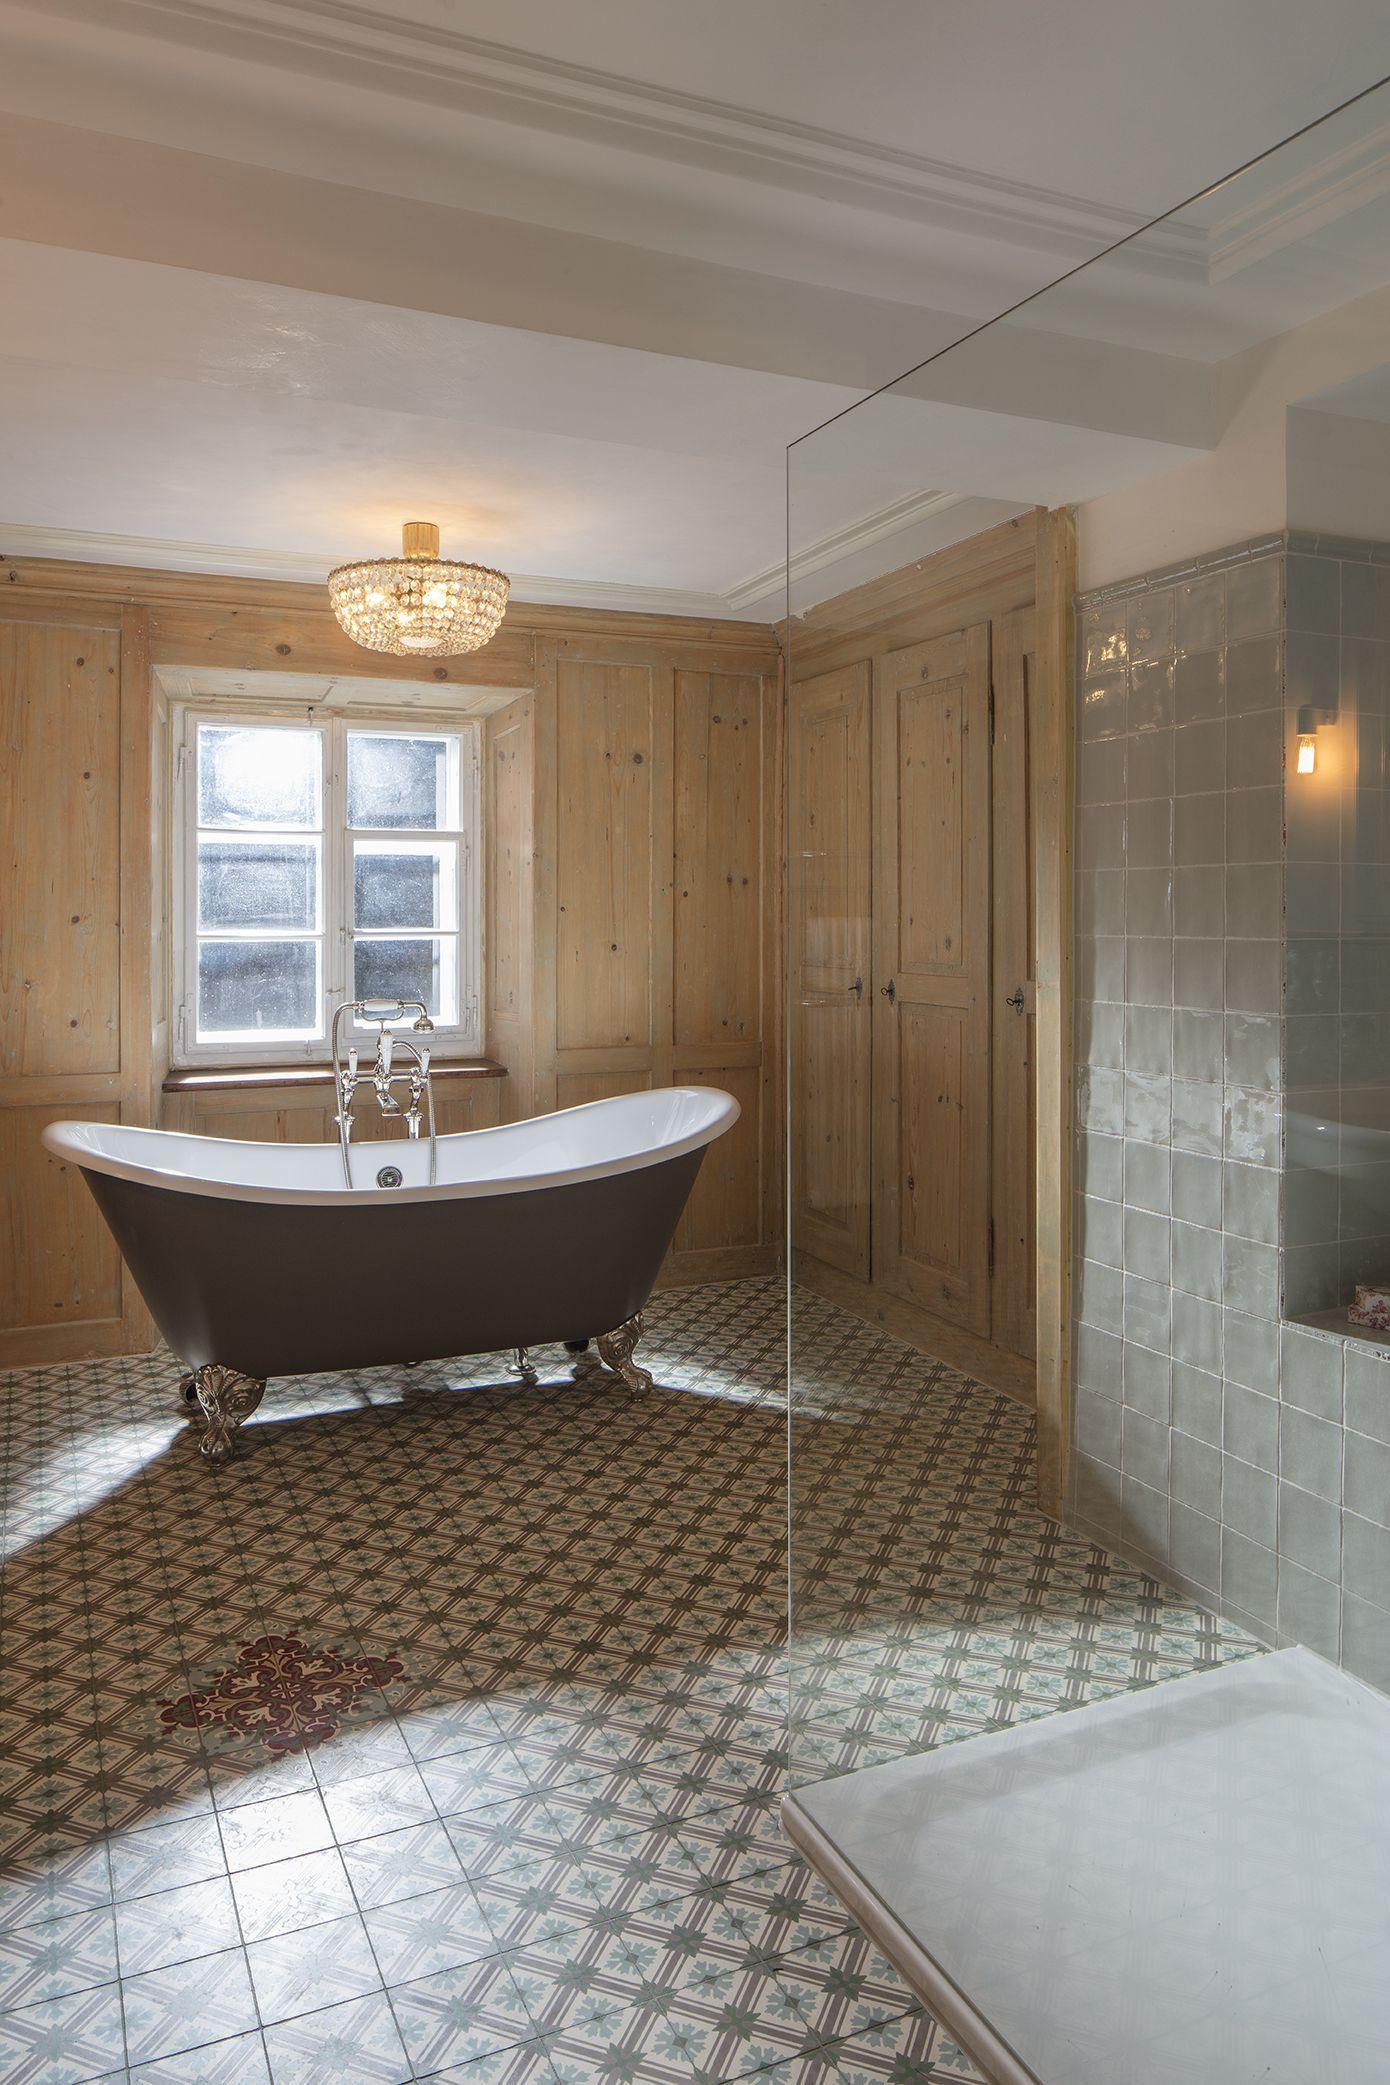 Grosses Bad Im Wirtshaus Gusseisen Badewanne Badezimmer Freistehende Badewanne